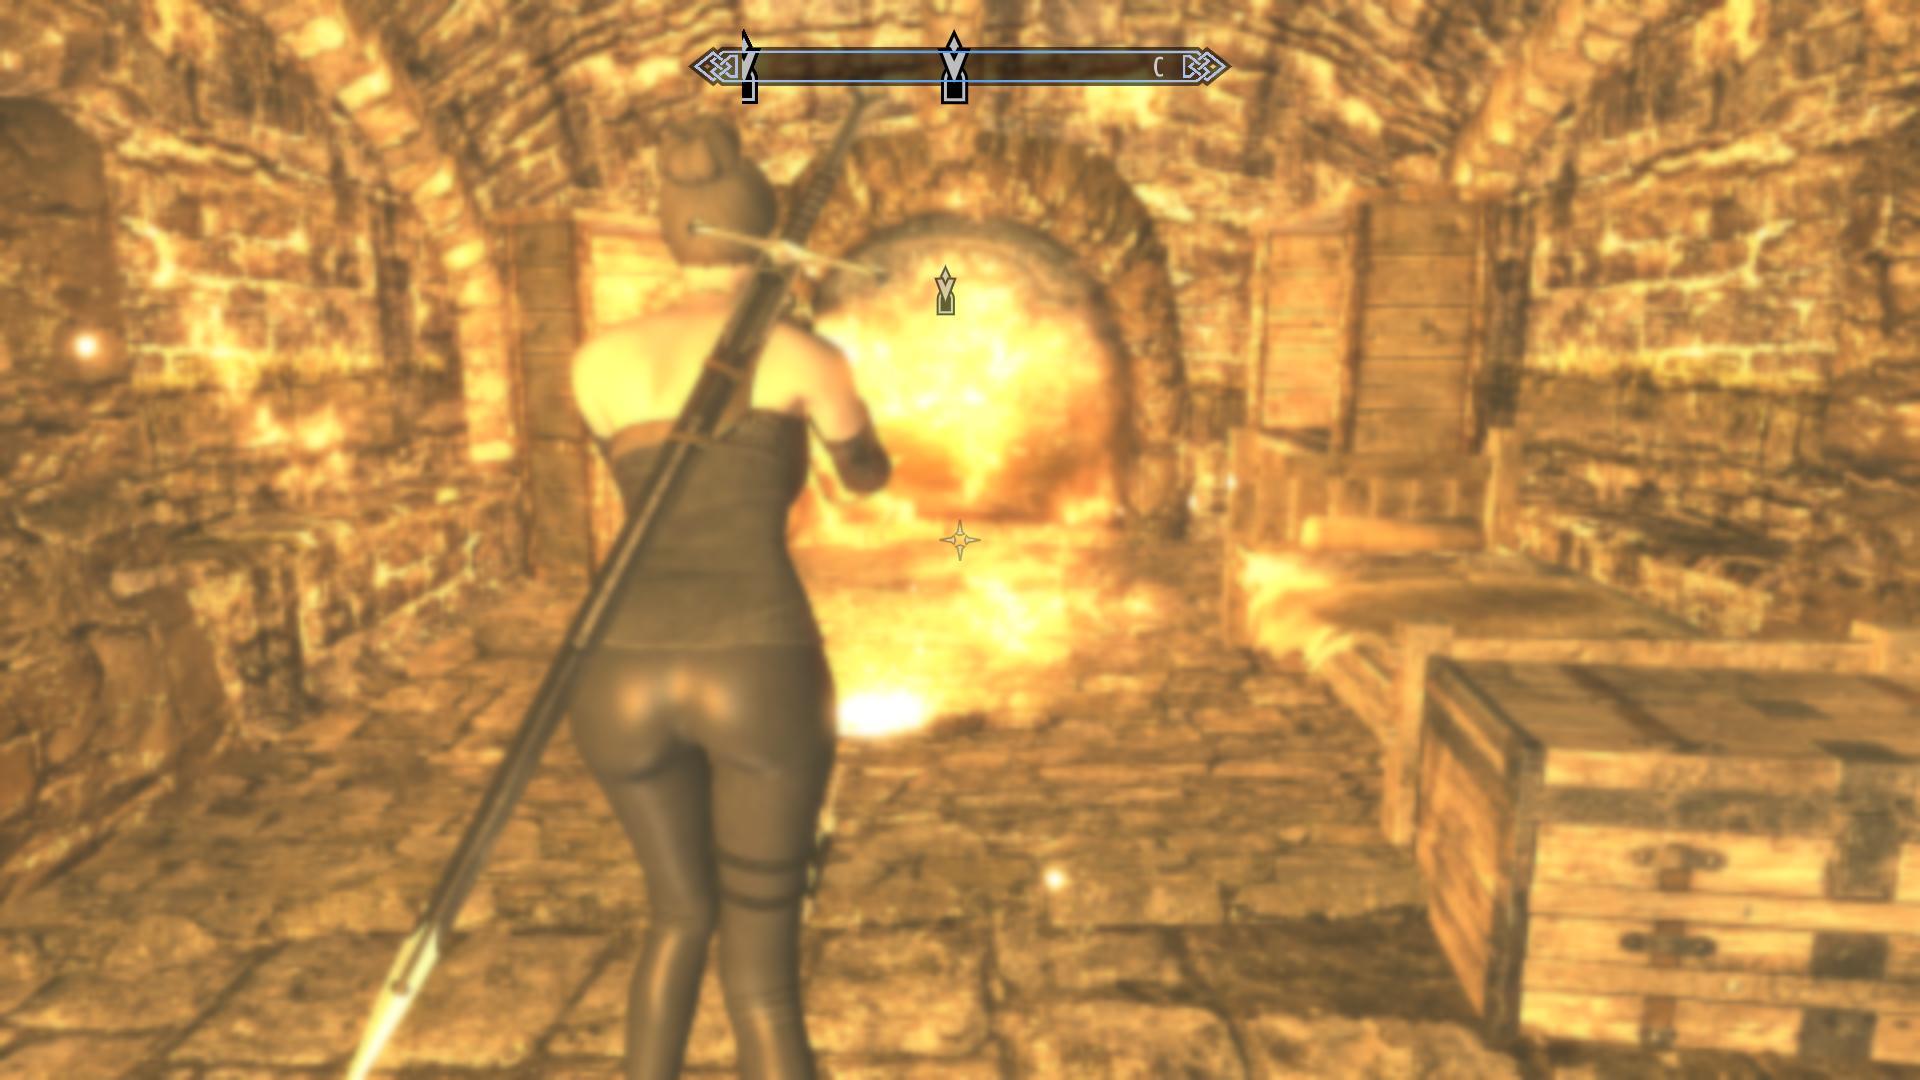 TESV_original 2018-06-18 11-15-13-44.jpg - Elder Scrolls 5: Skyrim, the